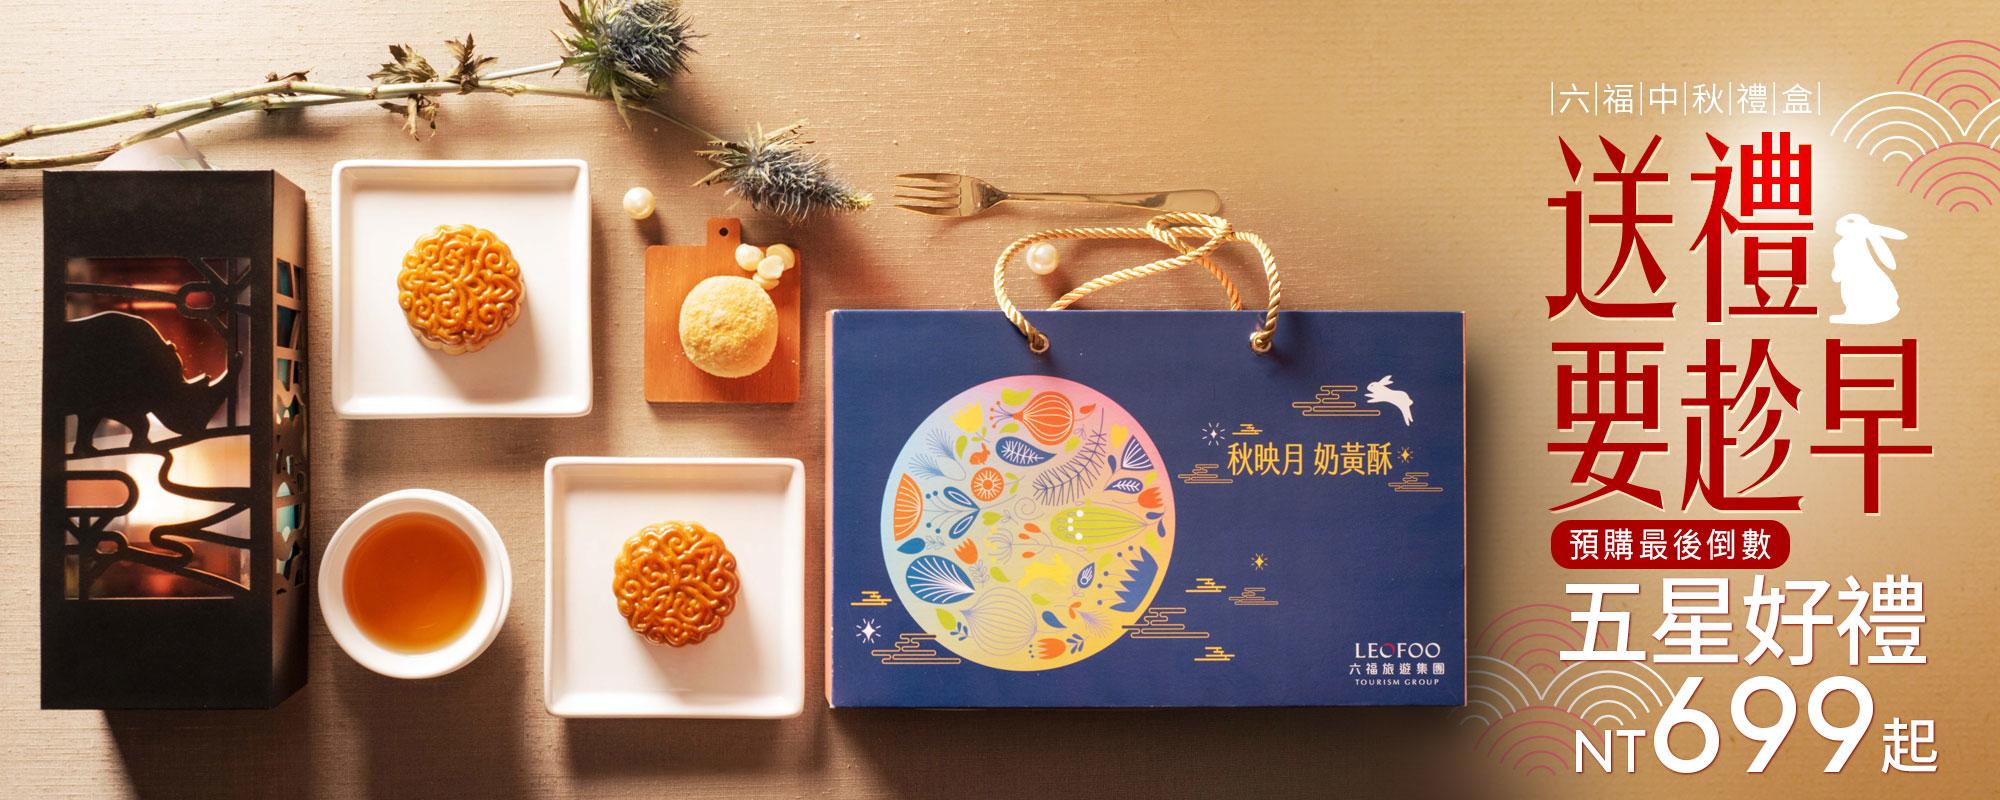 六福2019中秋月餅禮盒